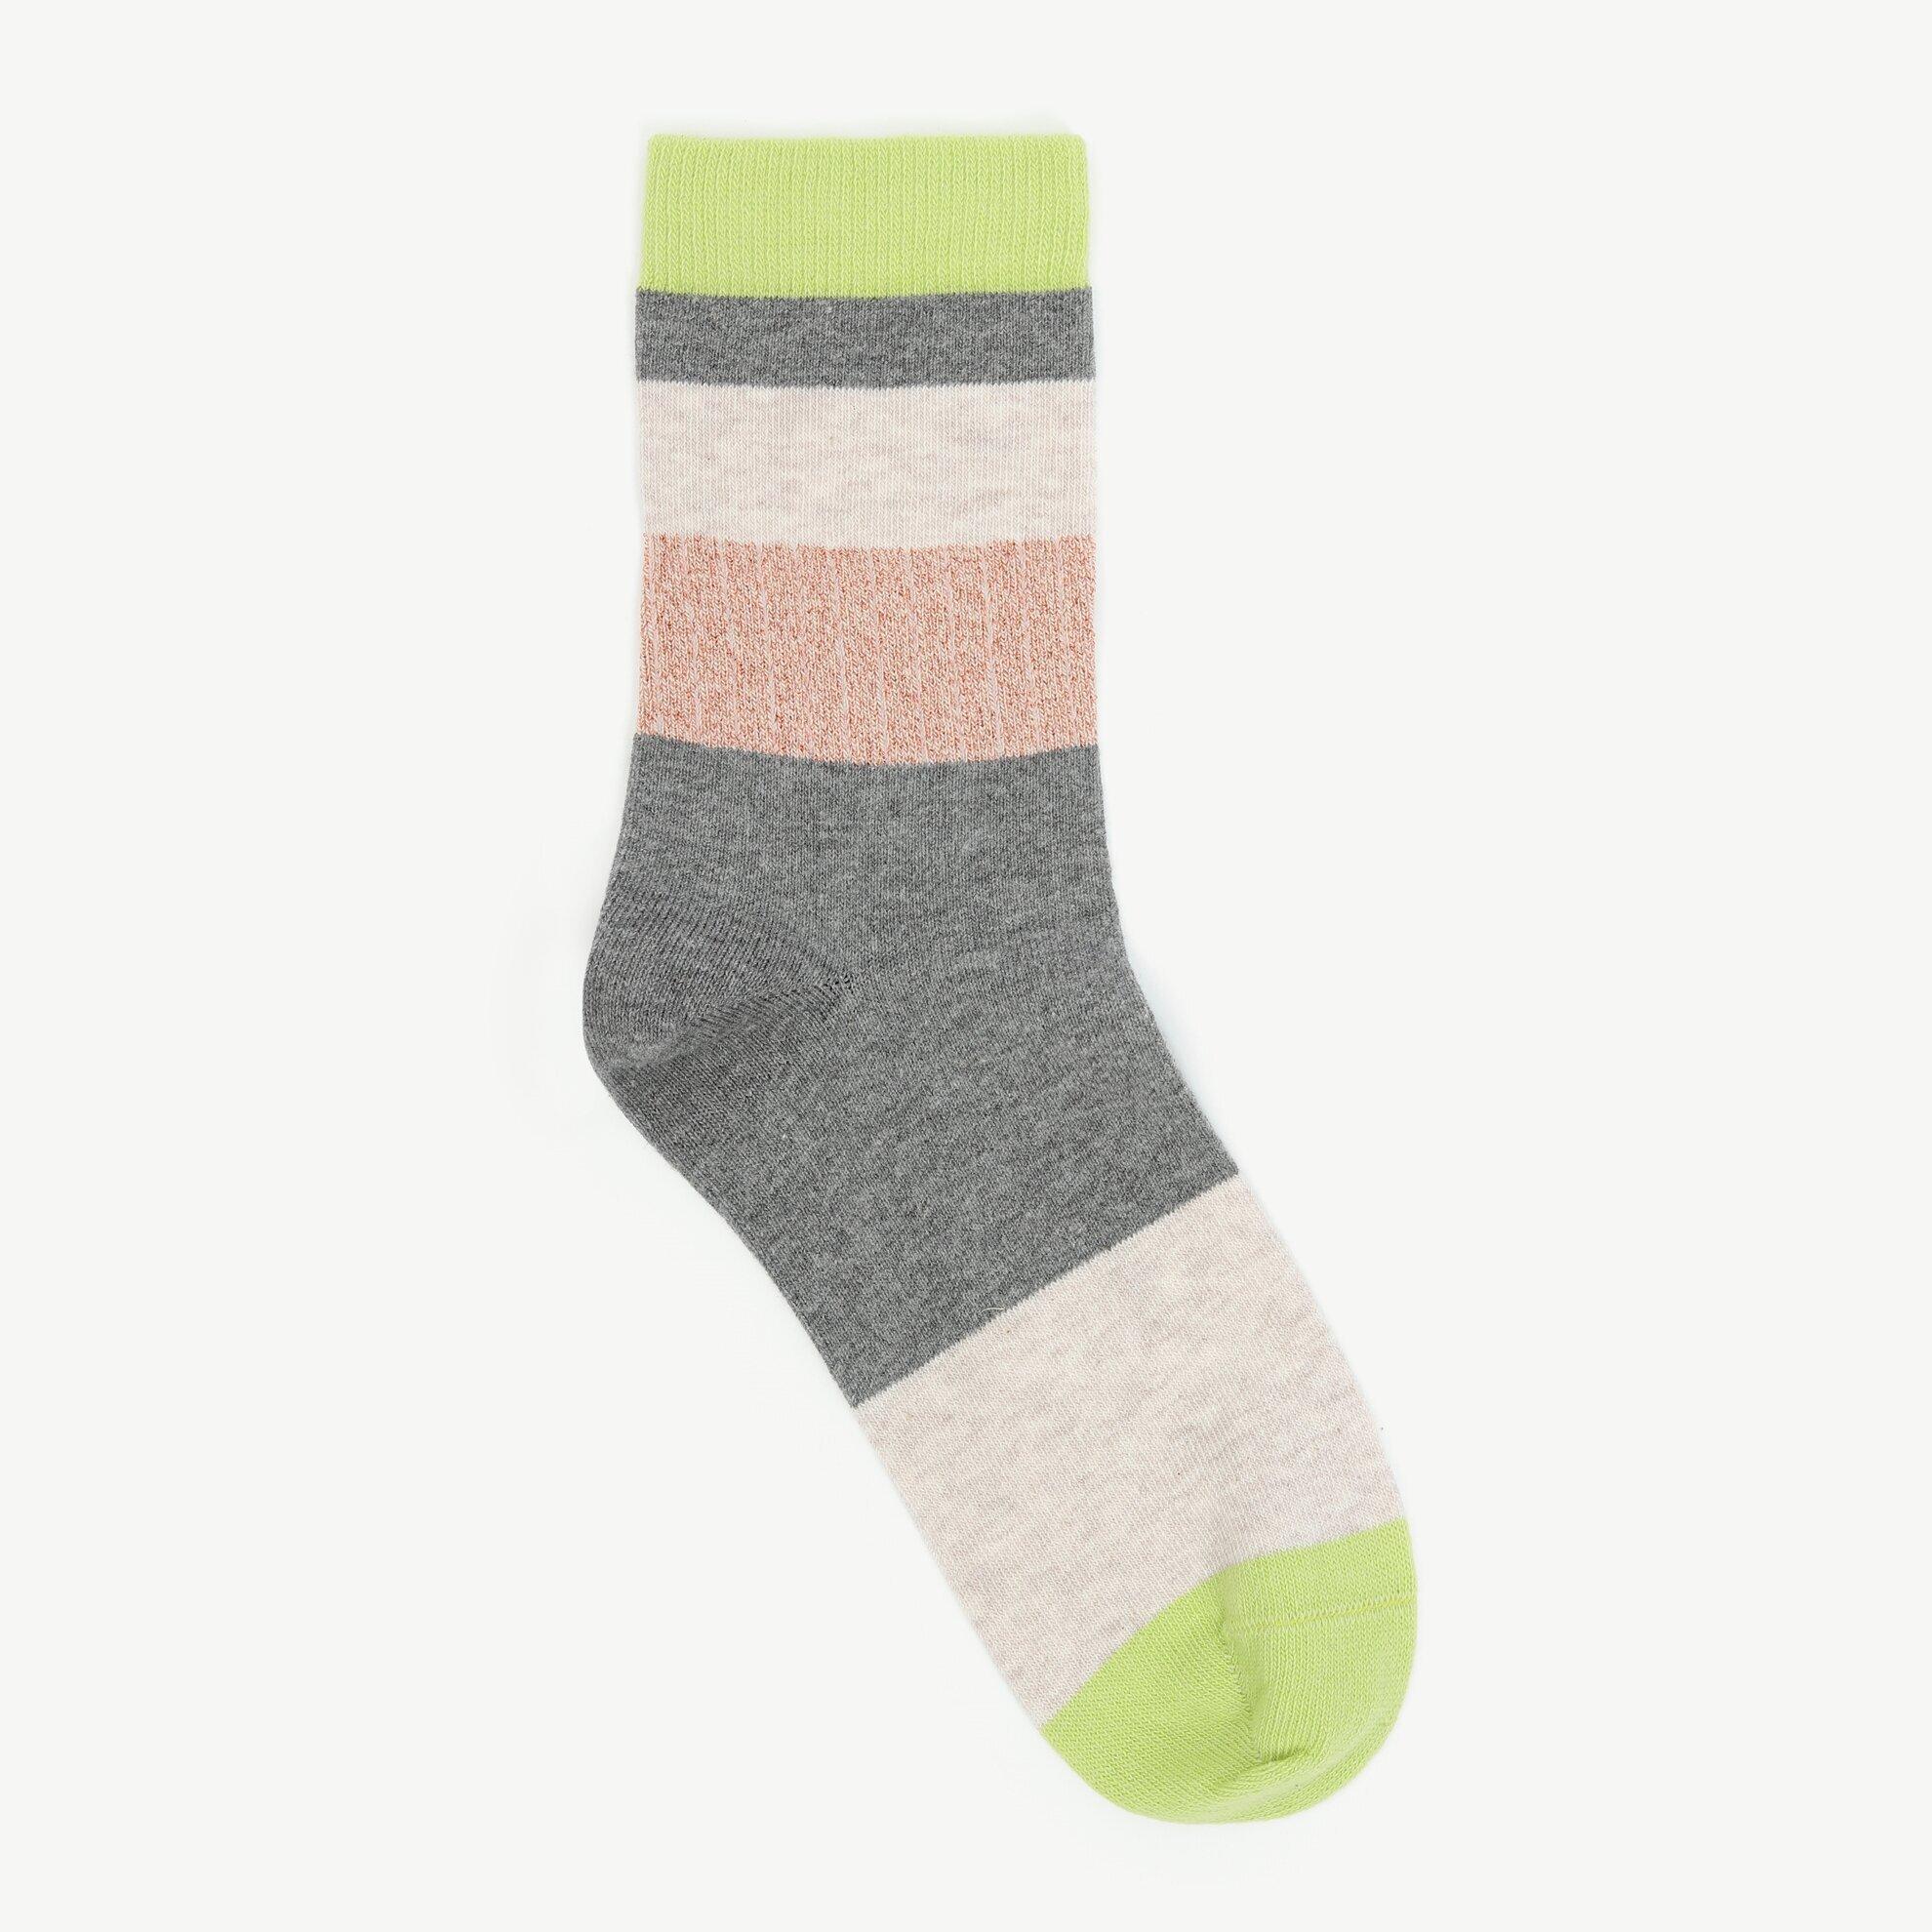 Sim Detaylı Renk Bloklu Çorap